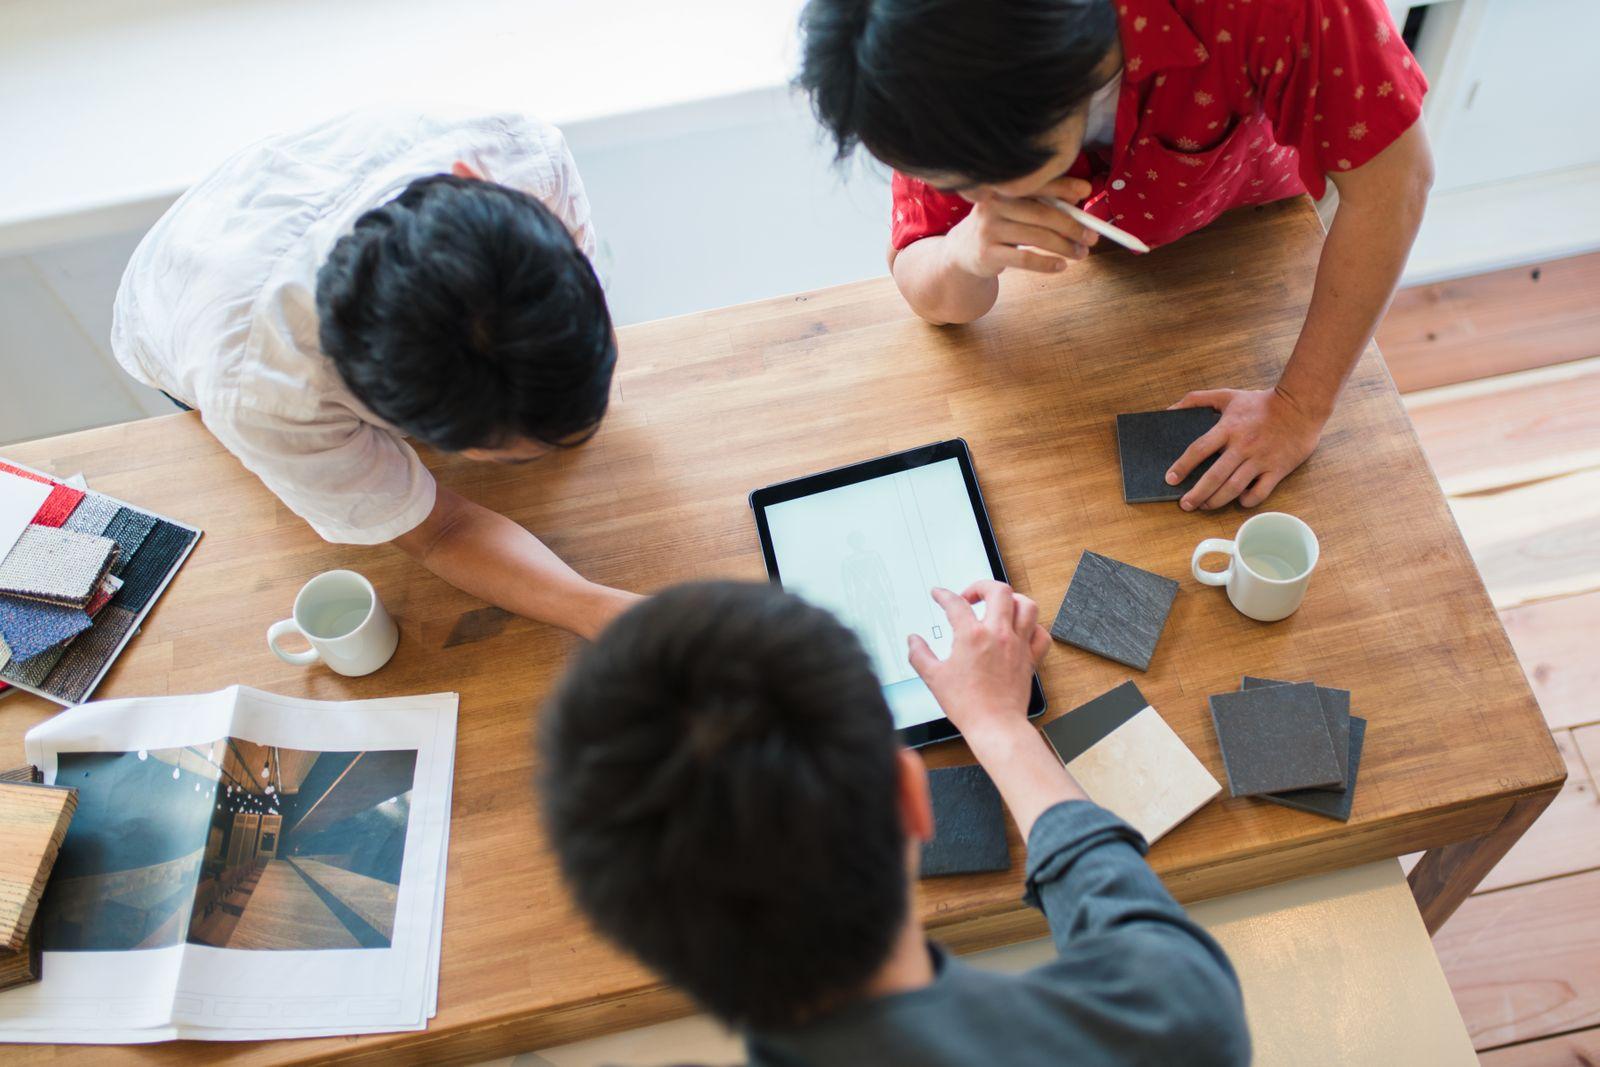 Comment créer des espaces de collaboration polyvalents et productifs au bureau